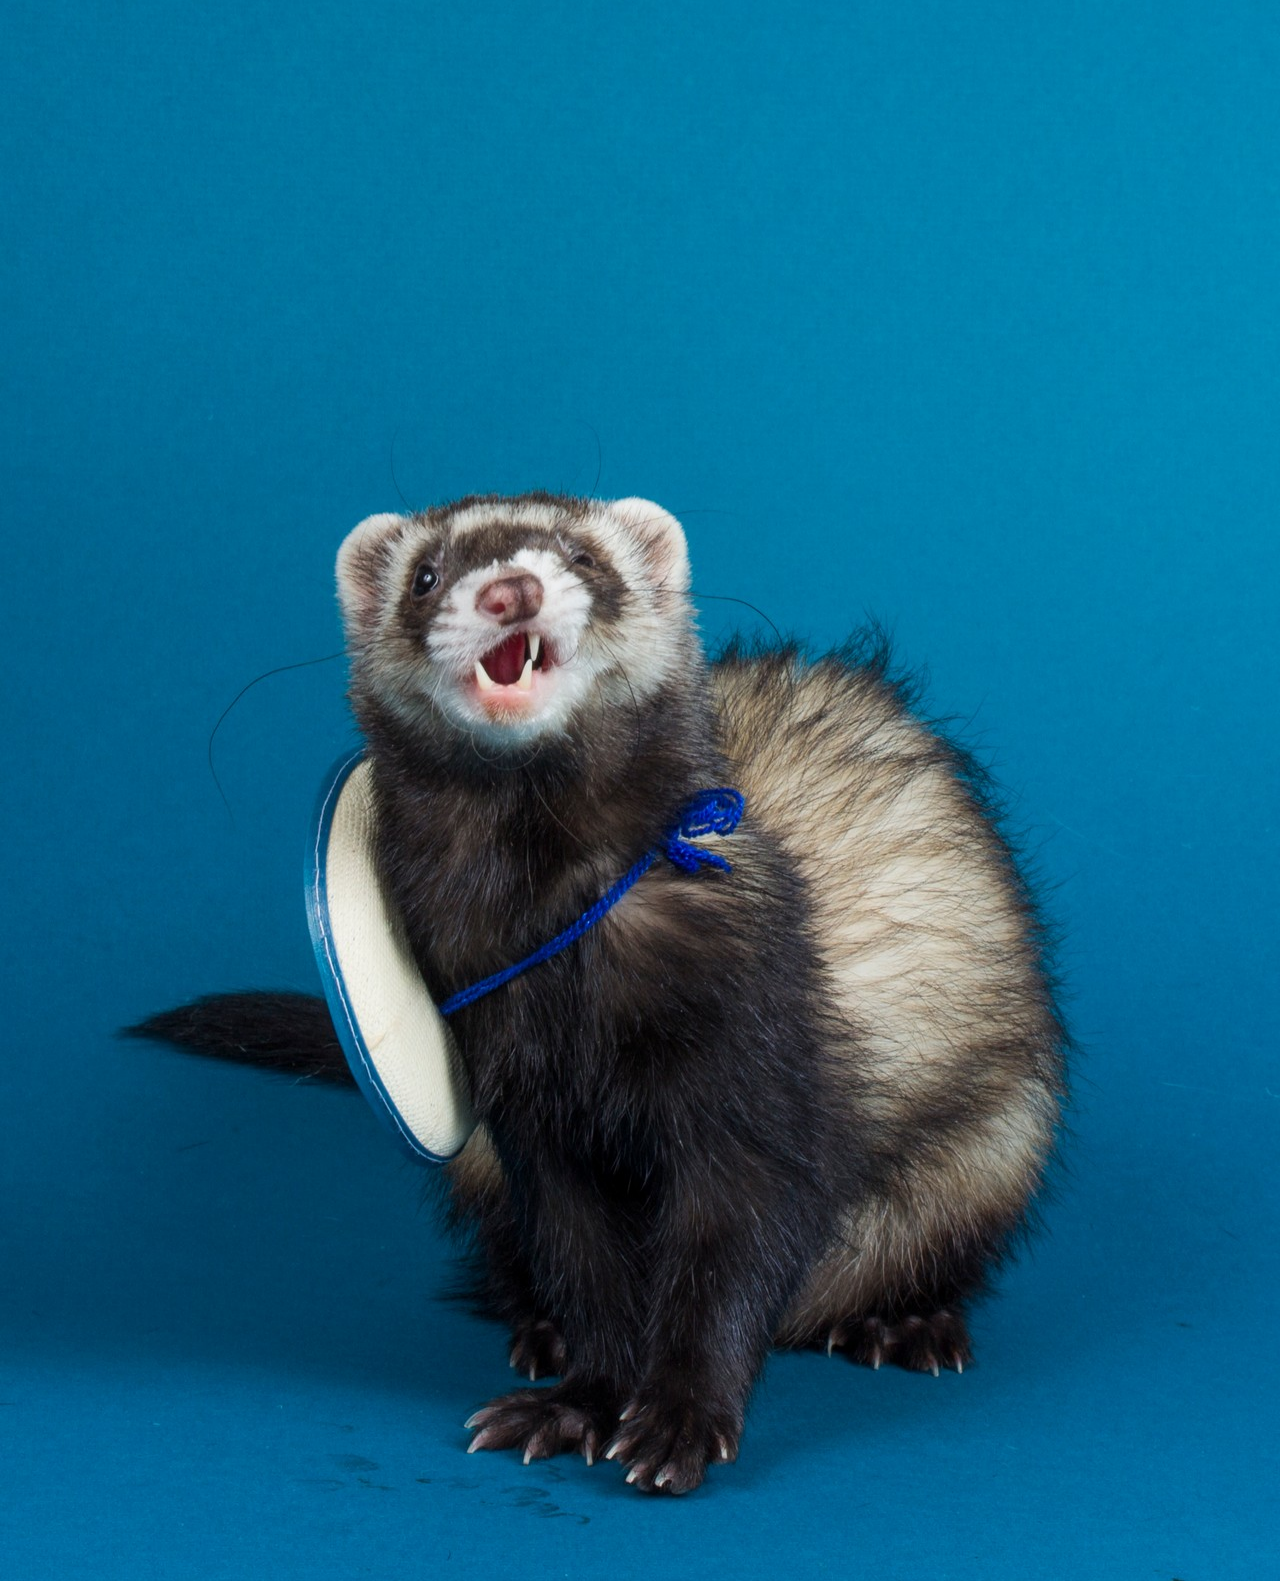 Pin by Leeandra John on Pet ferret Ferret, Cute ferrets